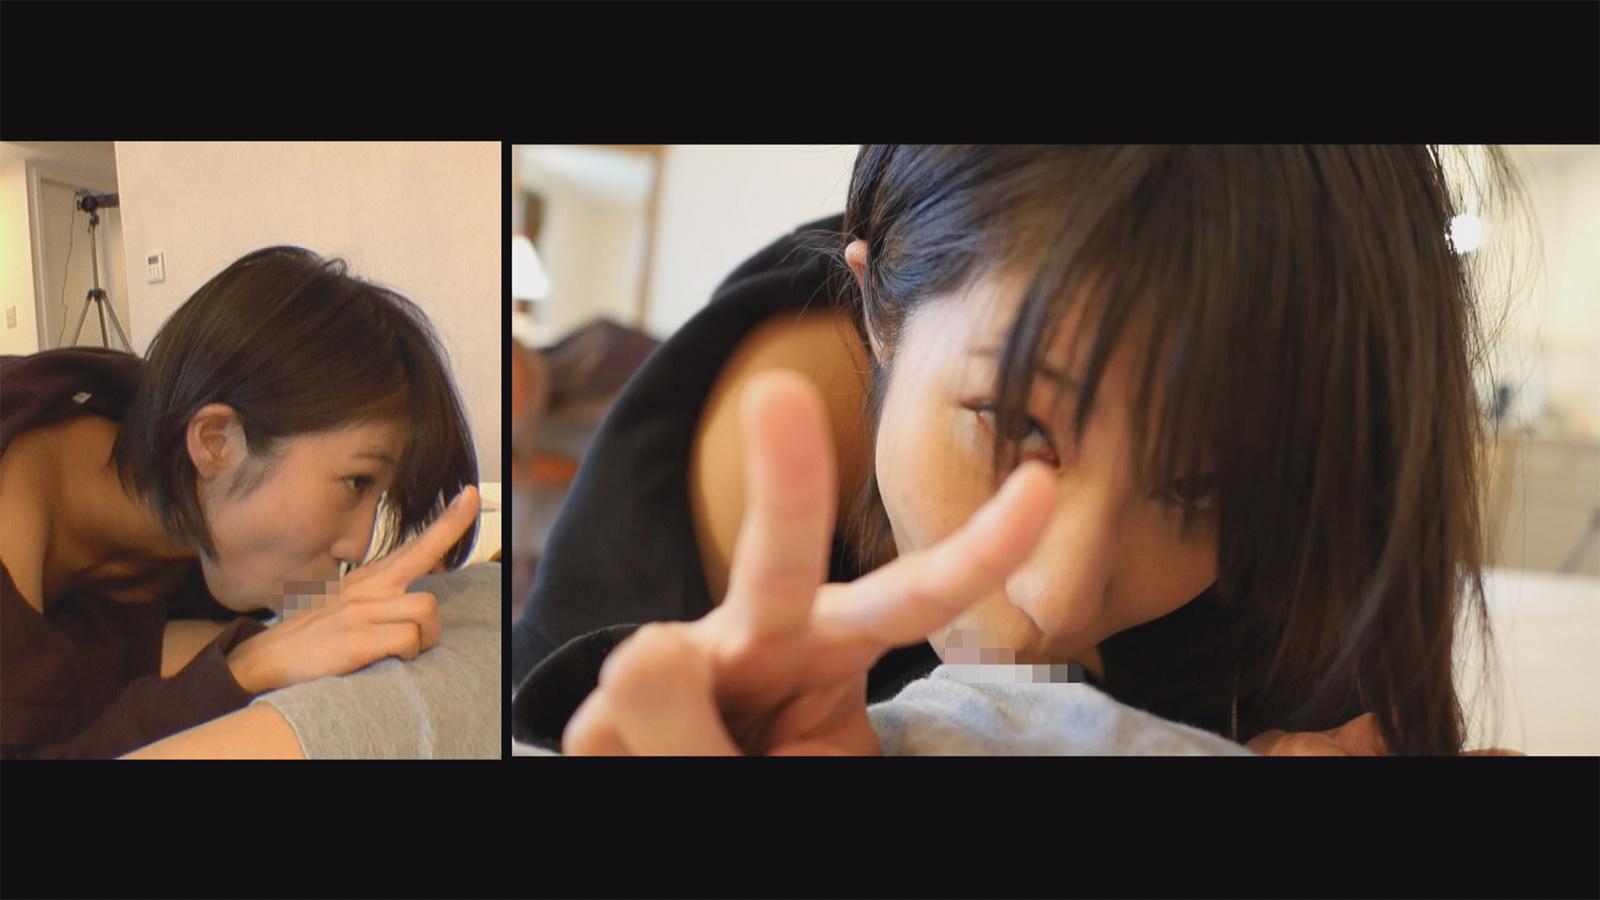 ピンキーwebまとめ023/湊莉久さん